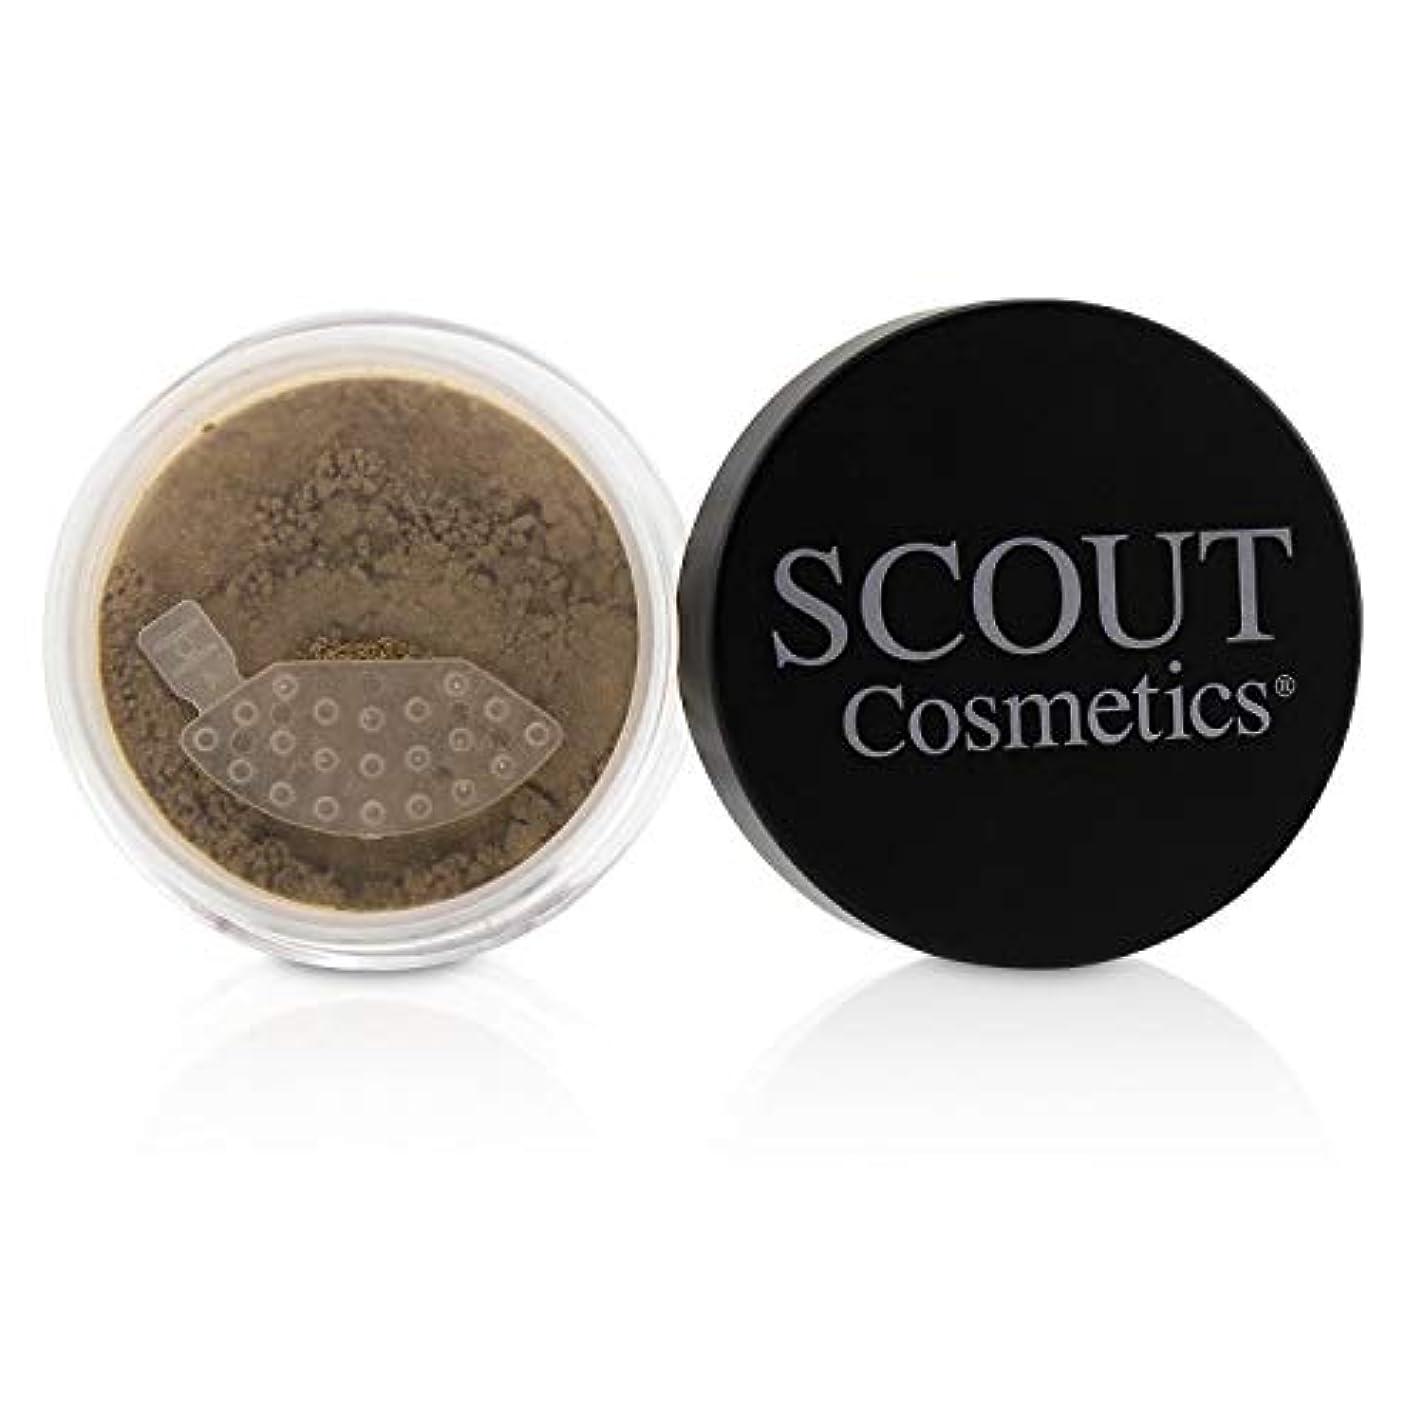 先のことを考えるタービン前任者SCOUT Cosmetics Mineral Powder Foundation SPF 20 - # Almond 8g/0.28oz並行輸入品